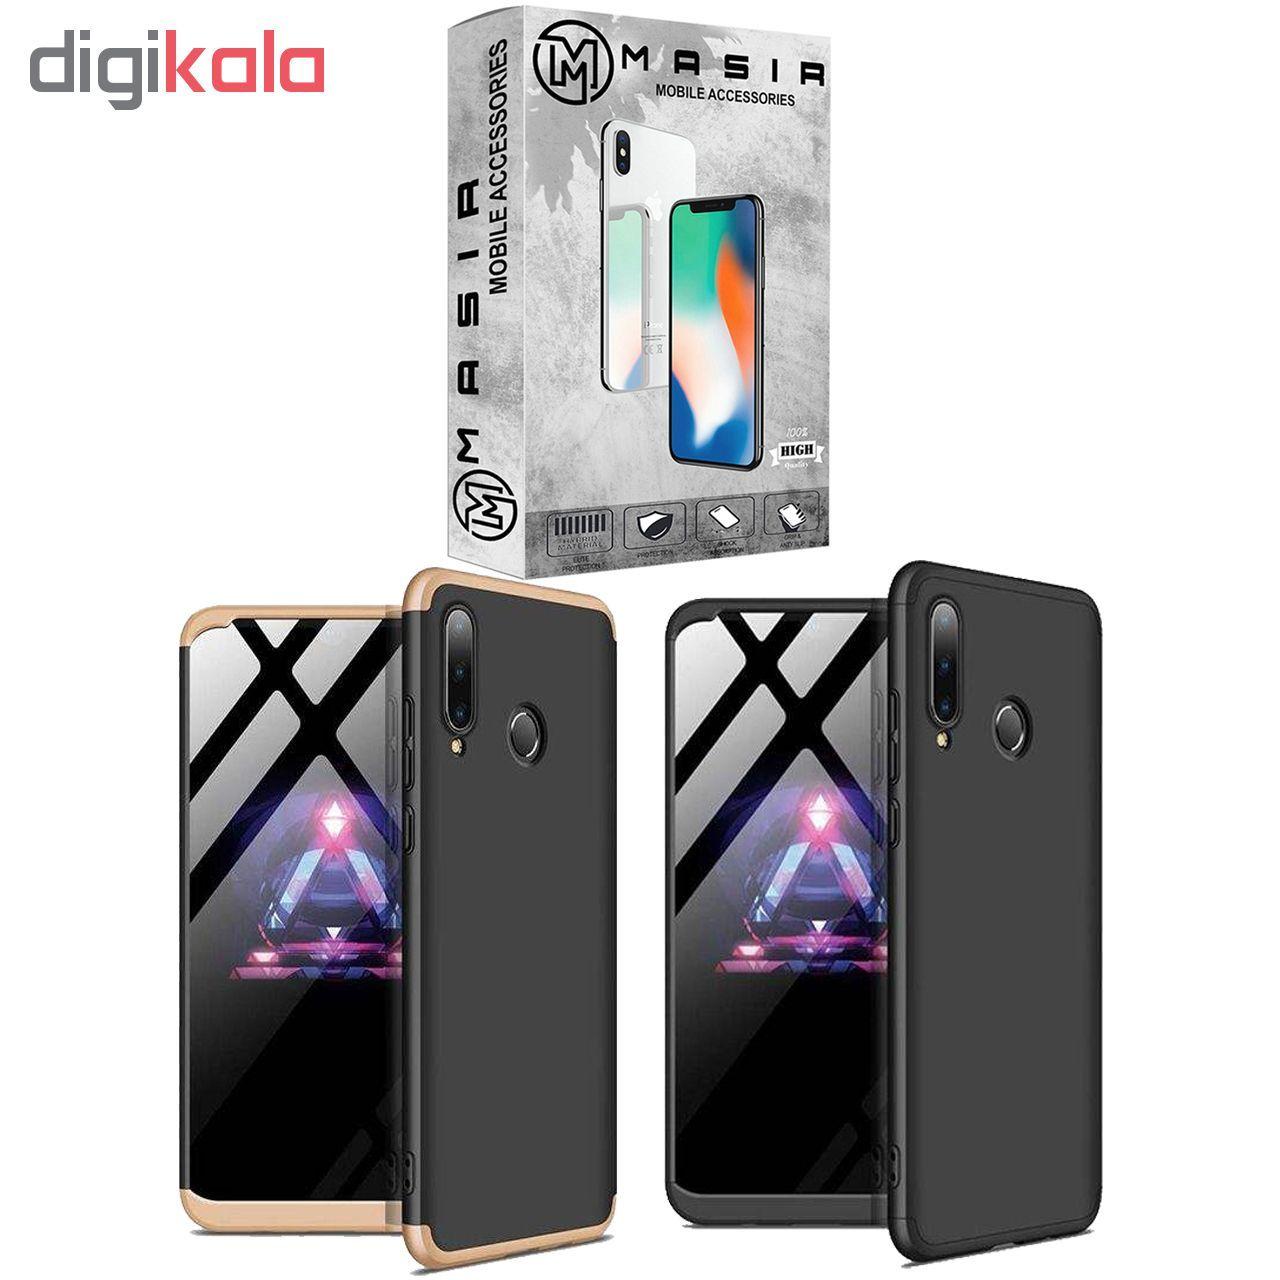 کاور 360 درجه مسیر مدل MGKS6-1 مناسب برای گوشی موبایل هوآوی P30 Lite main 1 2